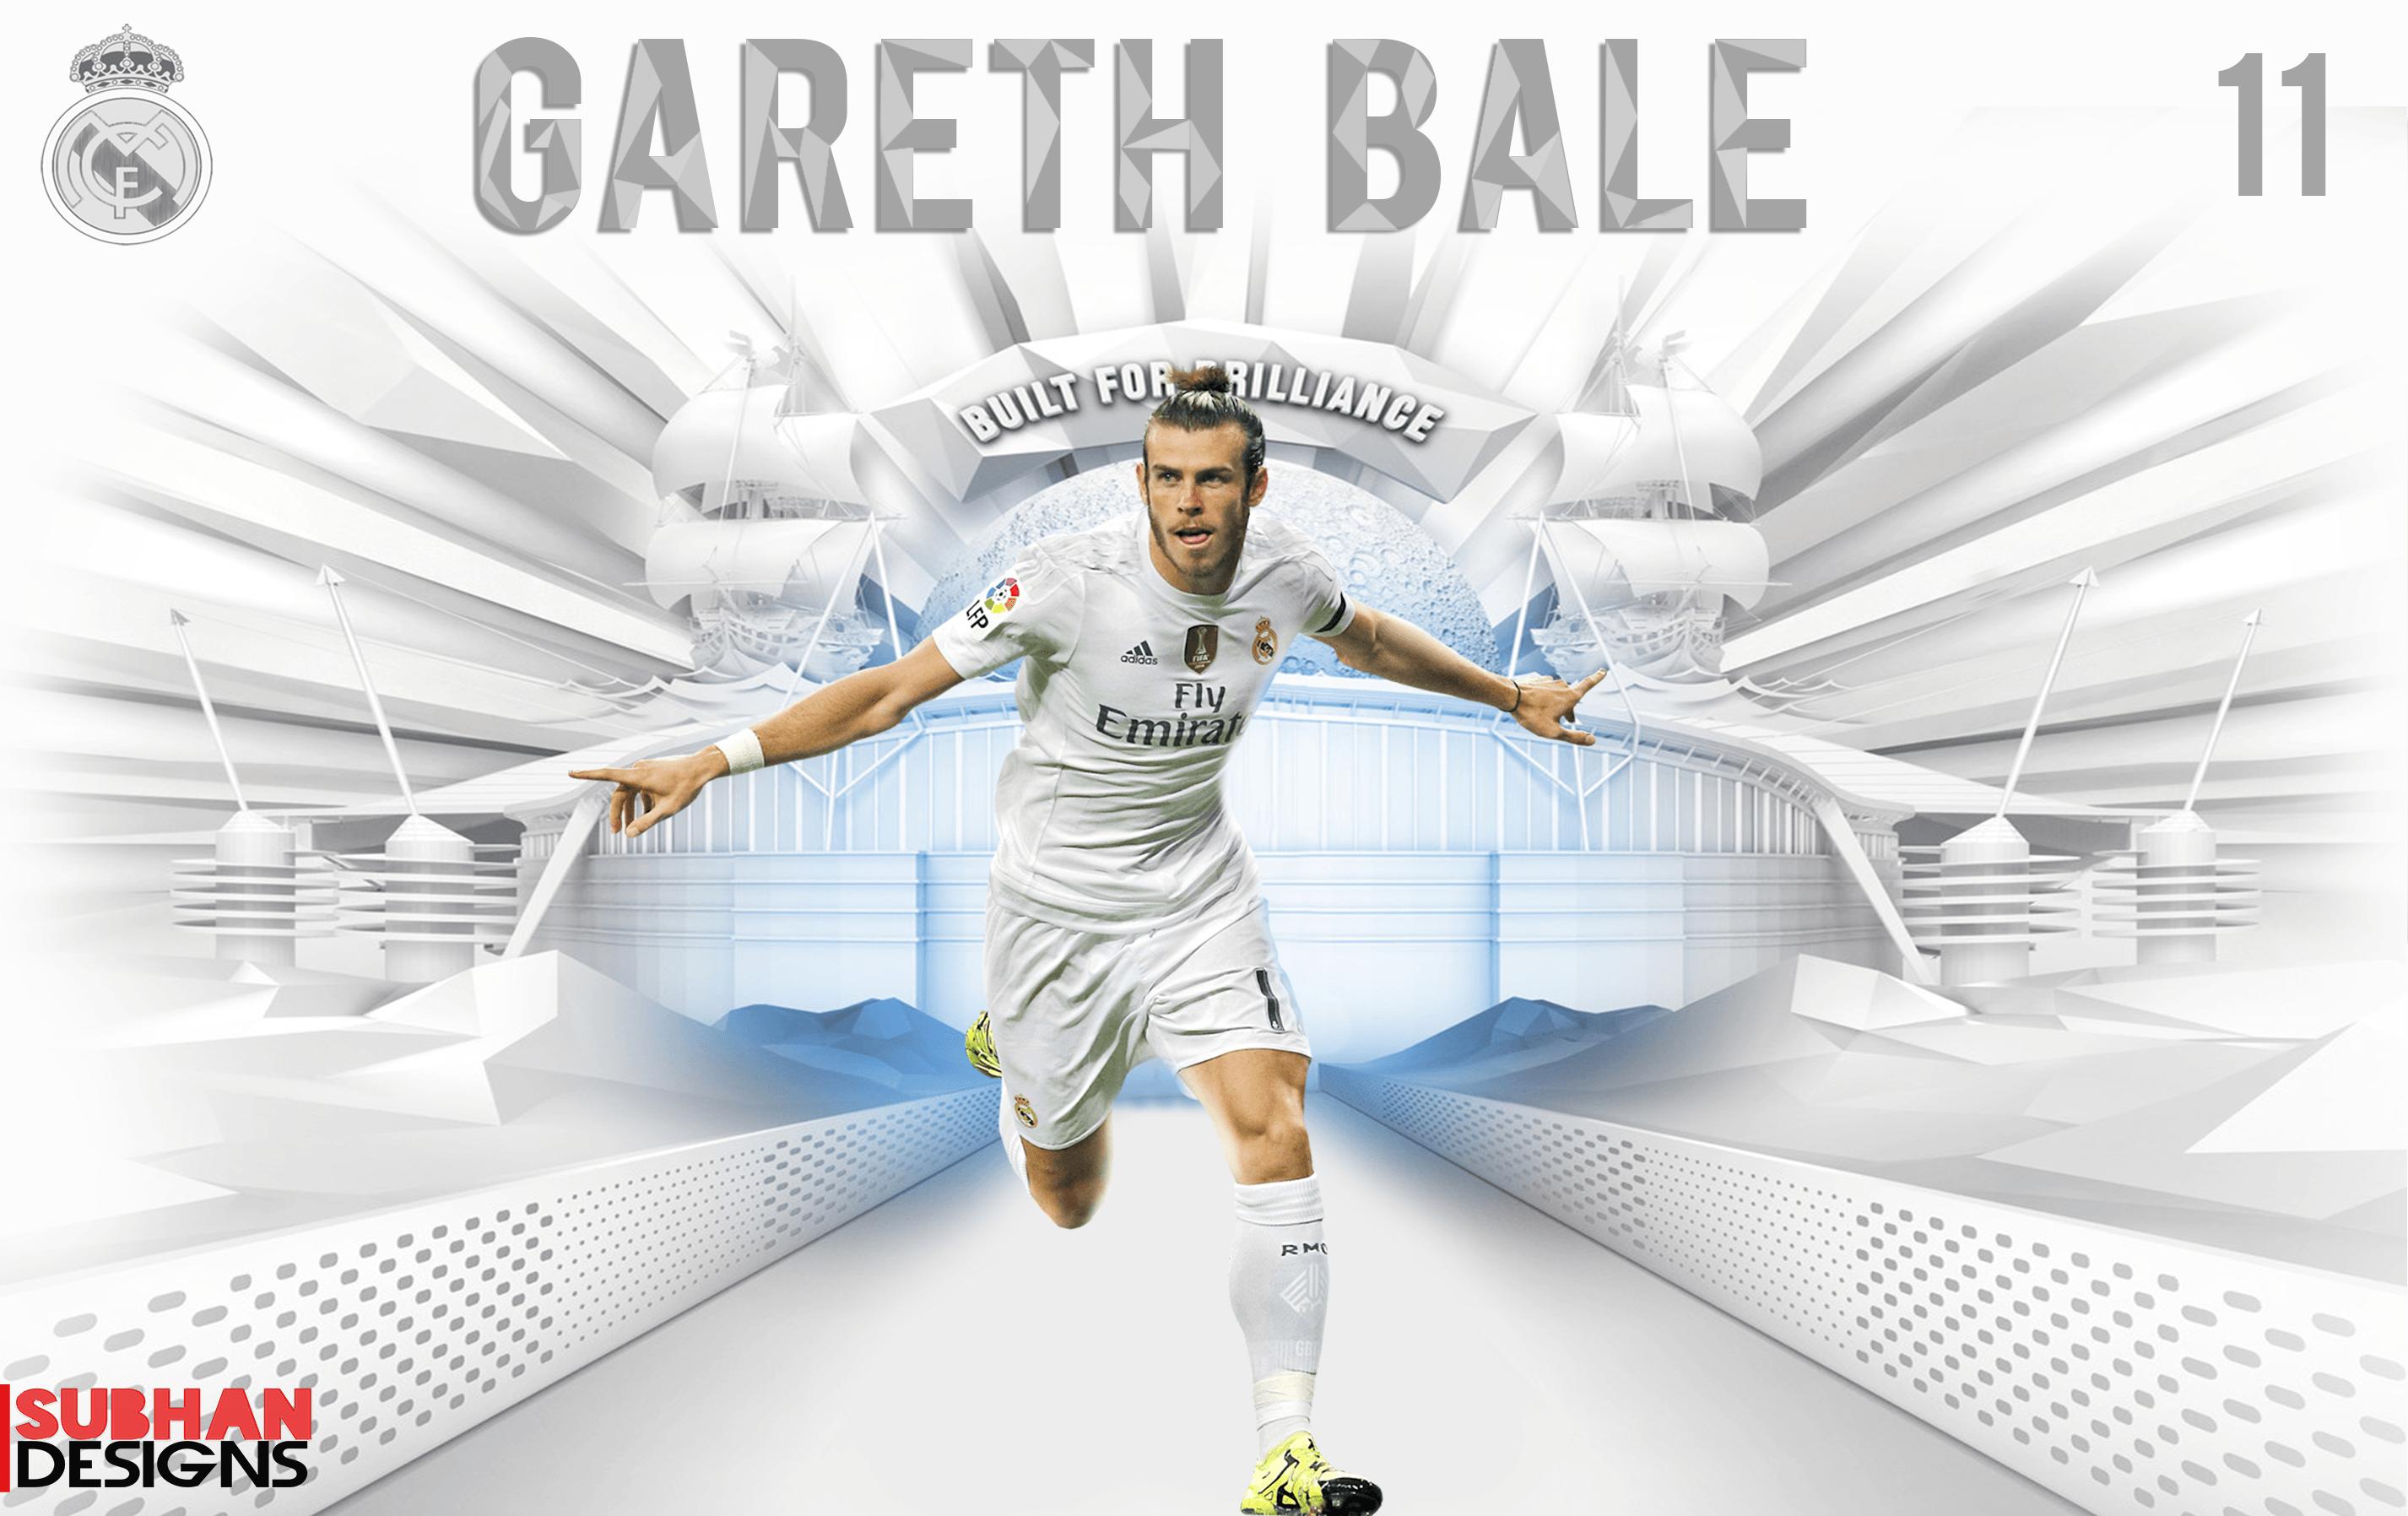 Gareth Bale Wallpaper HD - WallpaperSafari